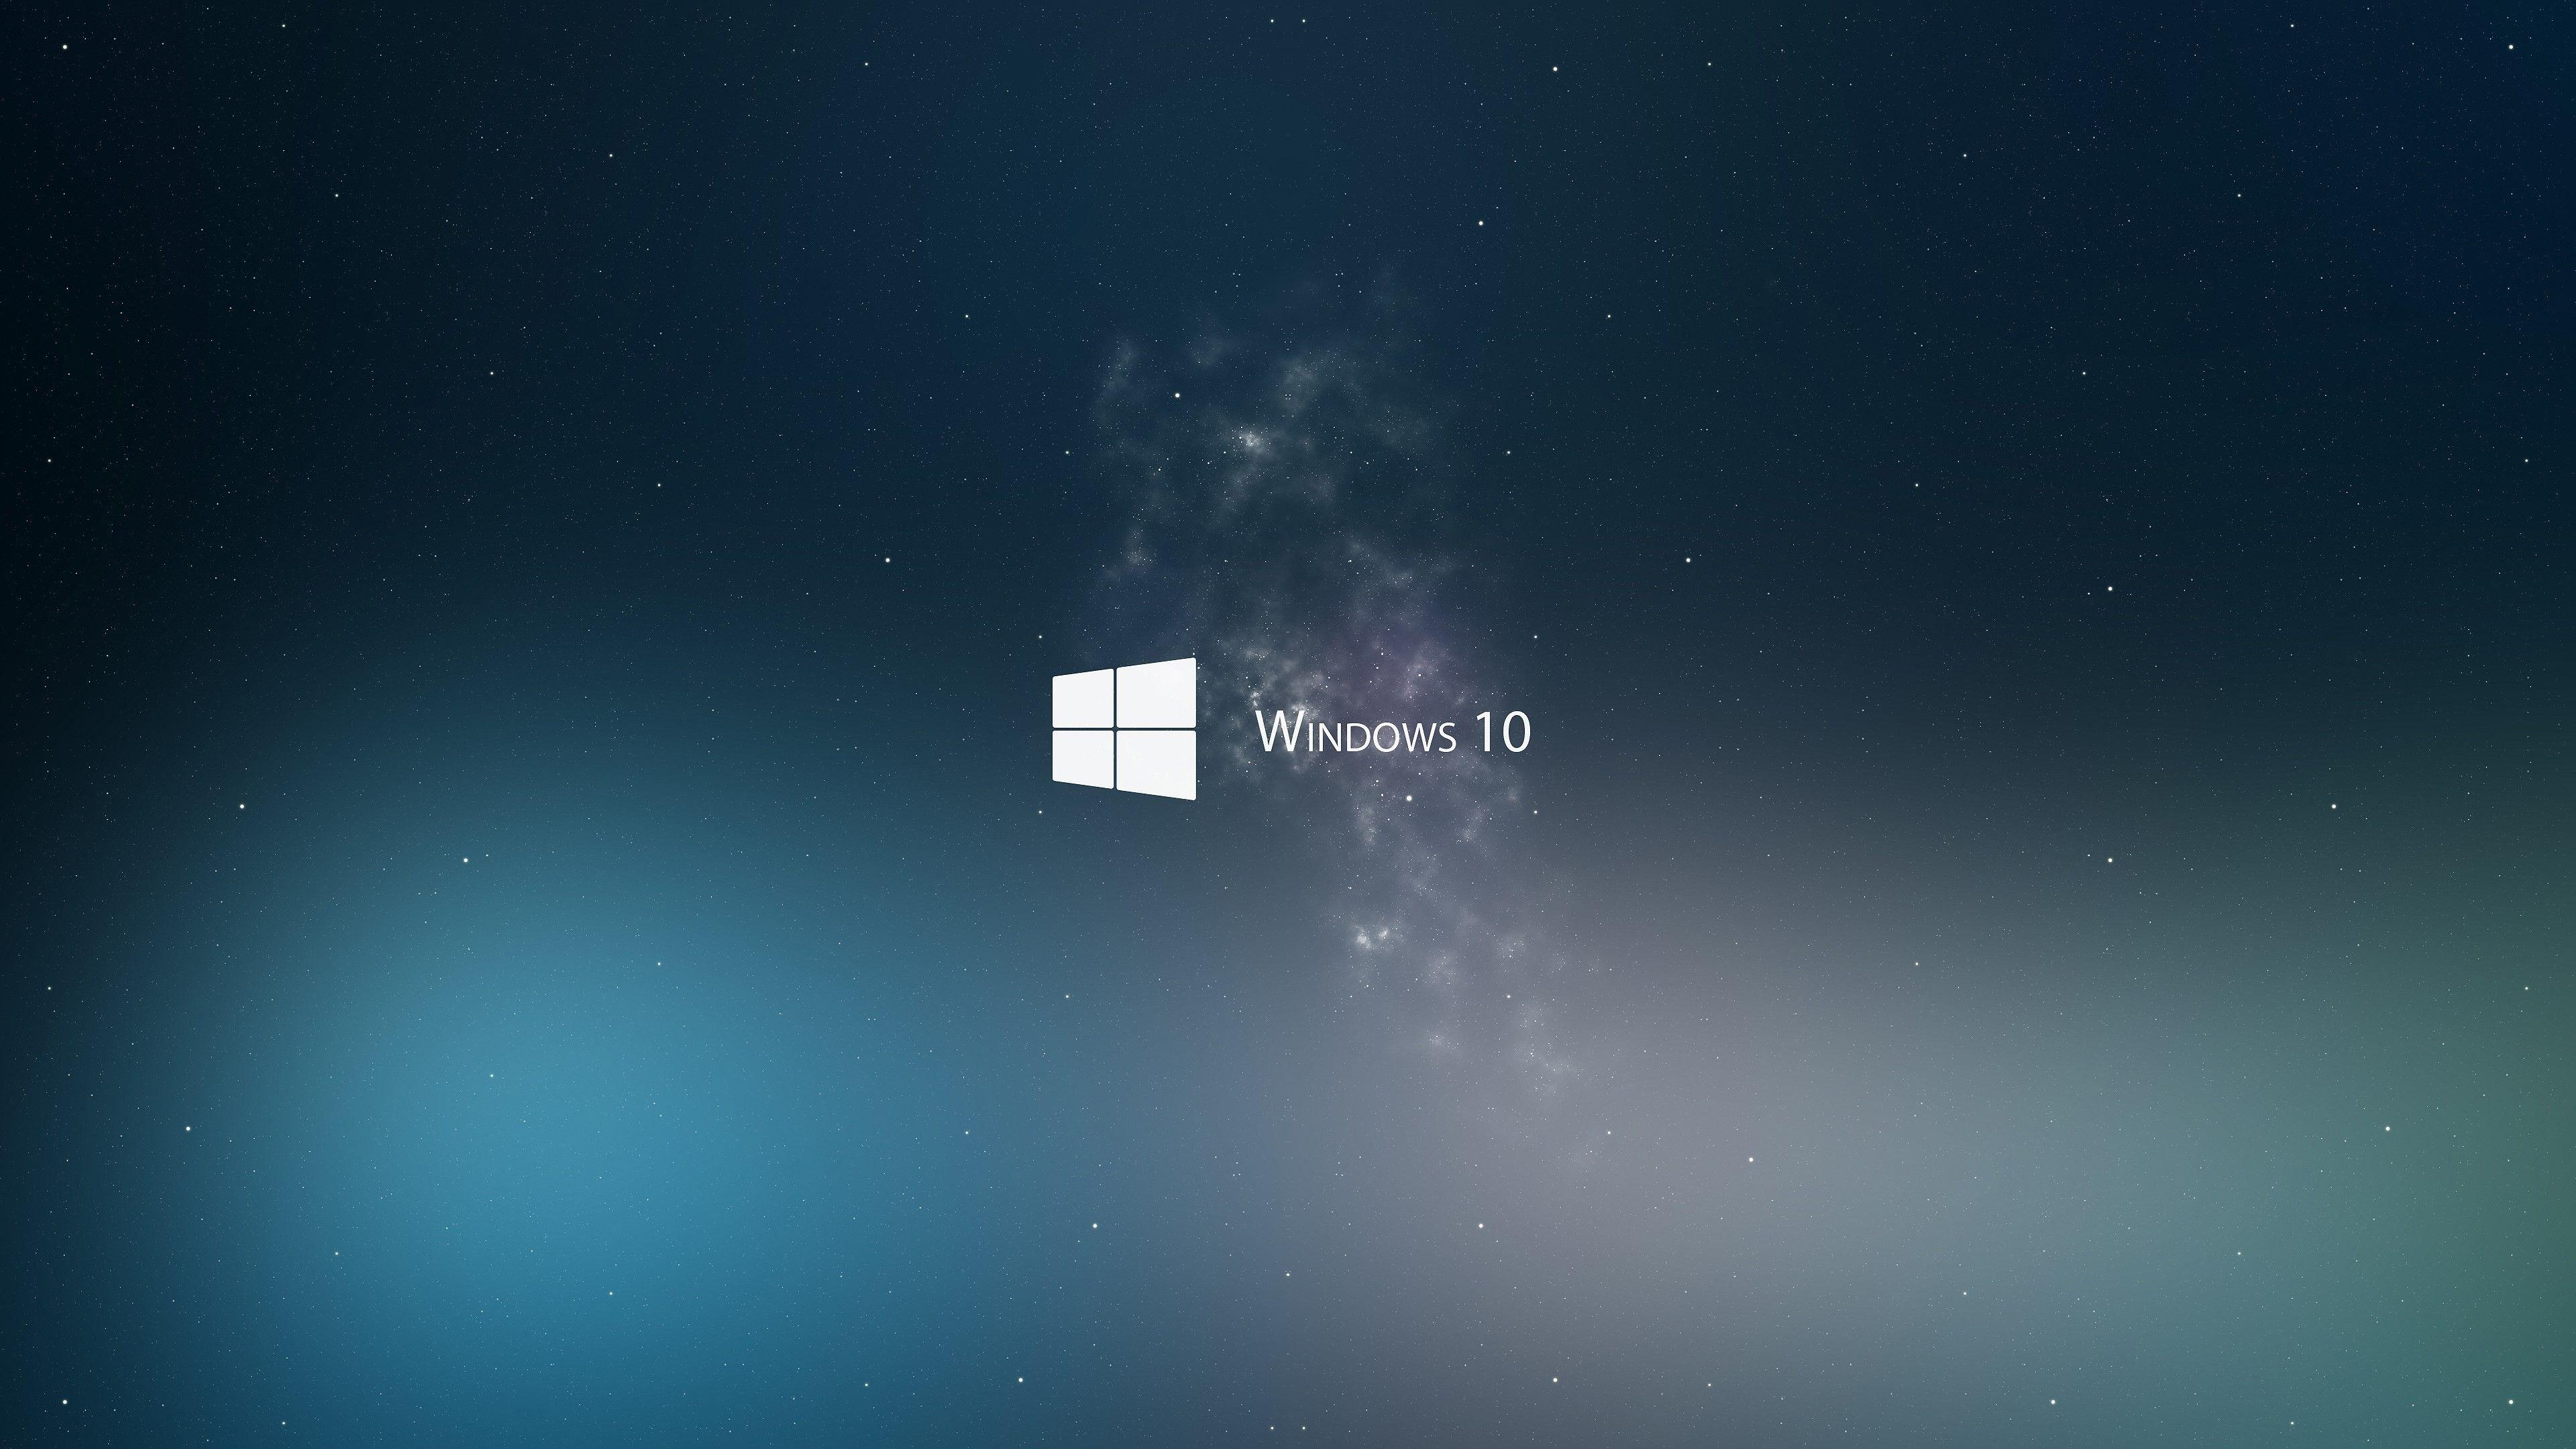 Lovely Download Wallpaper 4k For Windows 10 Wallpaper Windows 10 Windows Wallpaper 4k Wallpapers For Pc